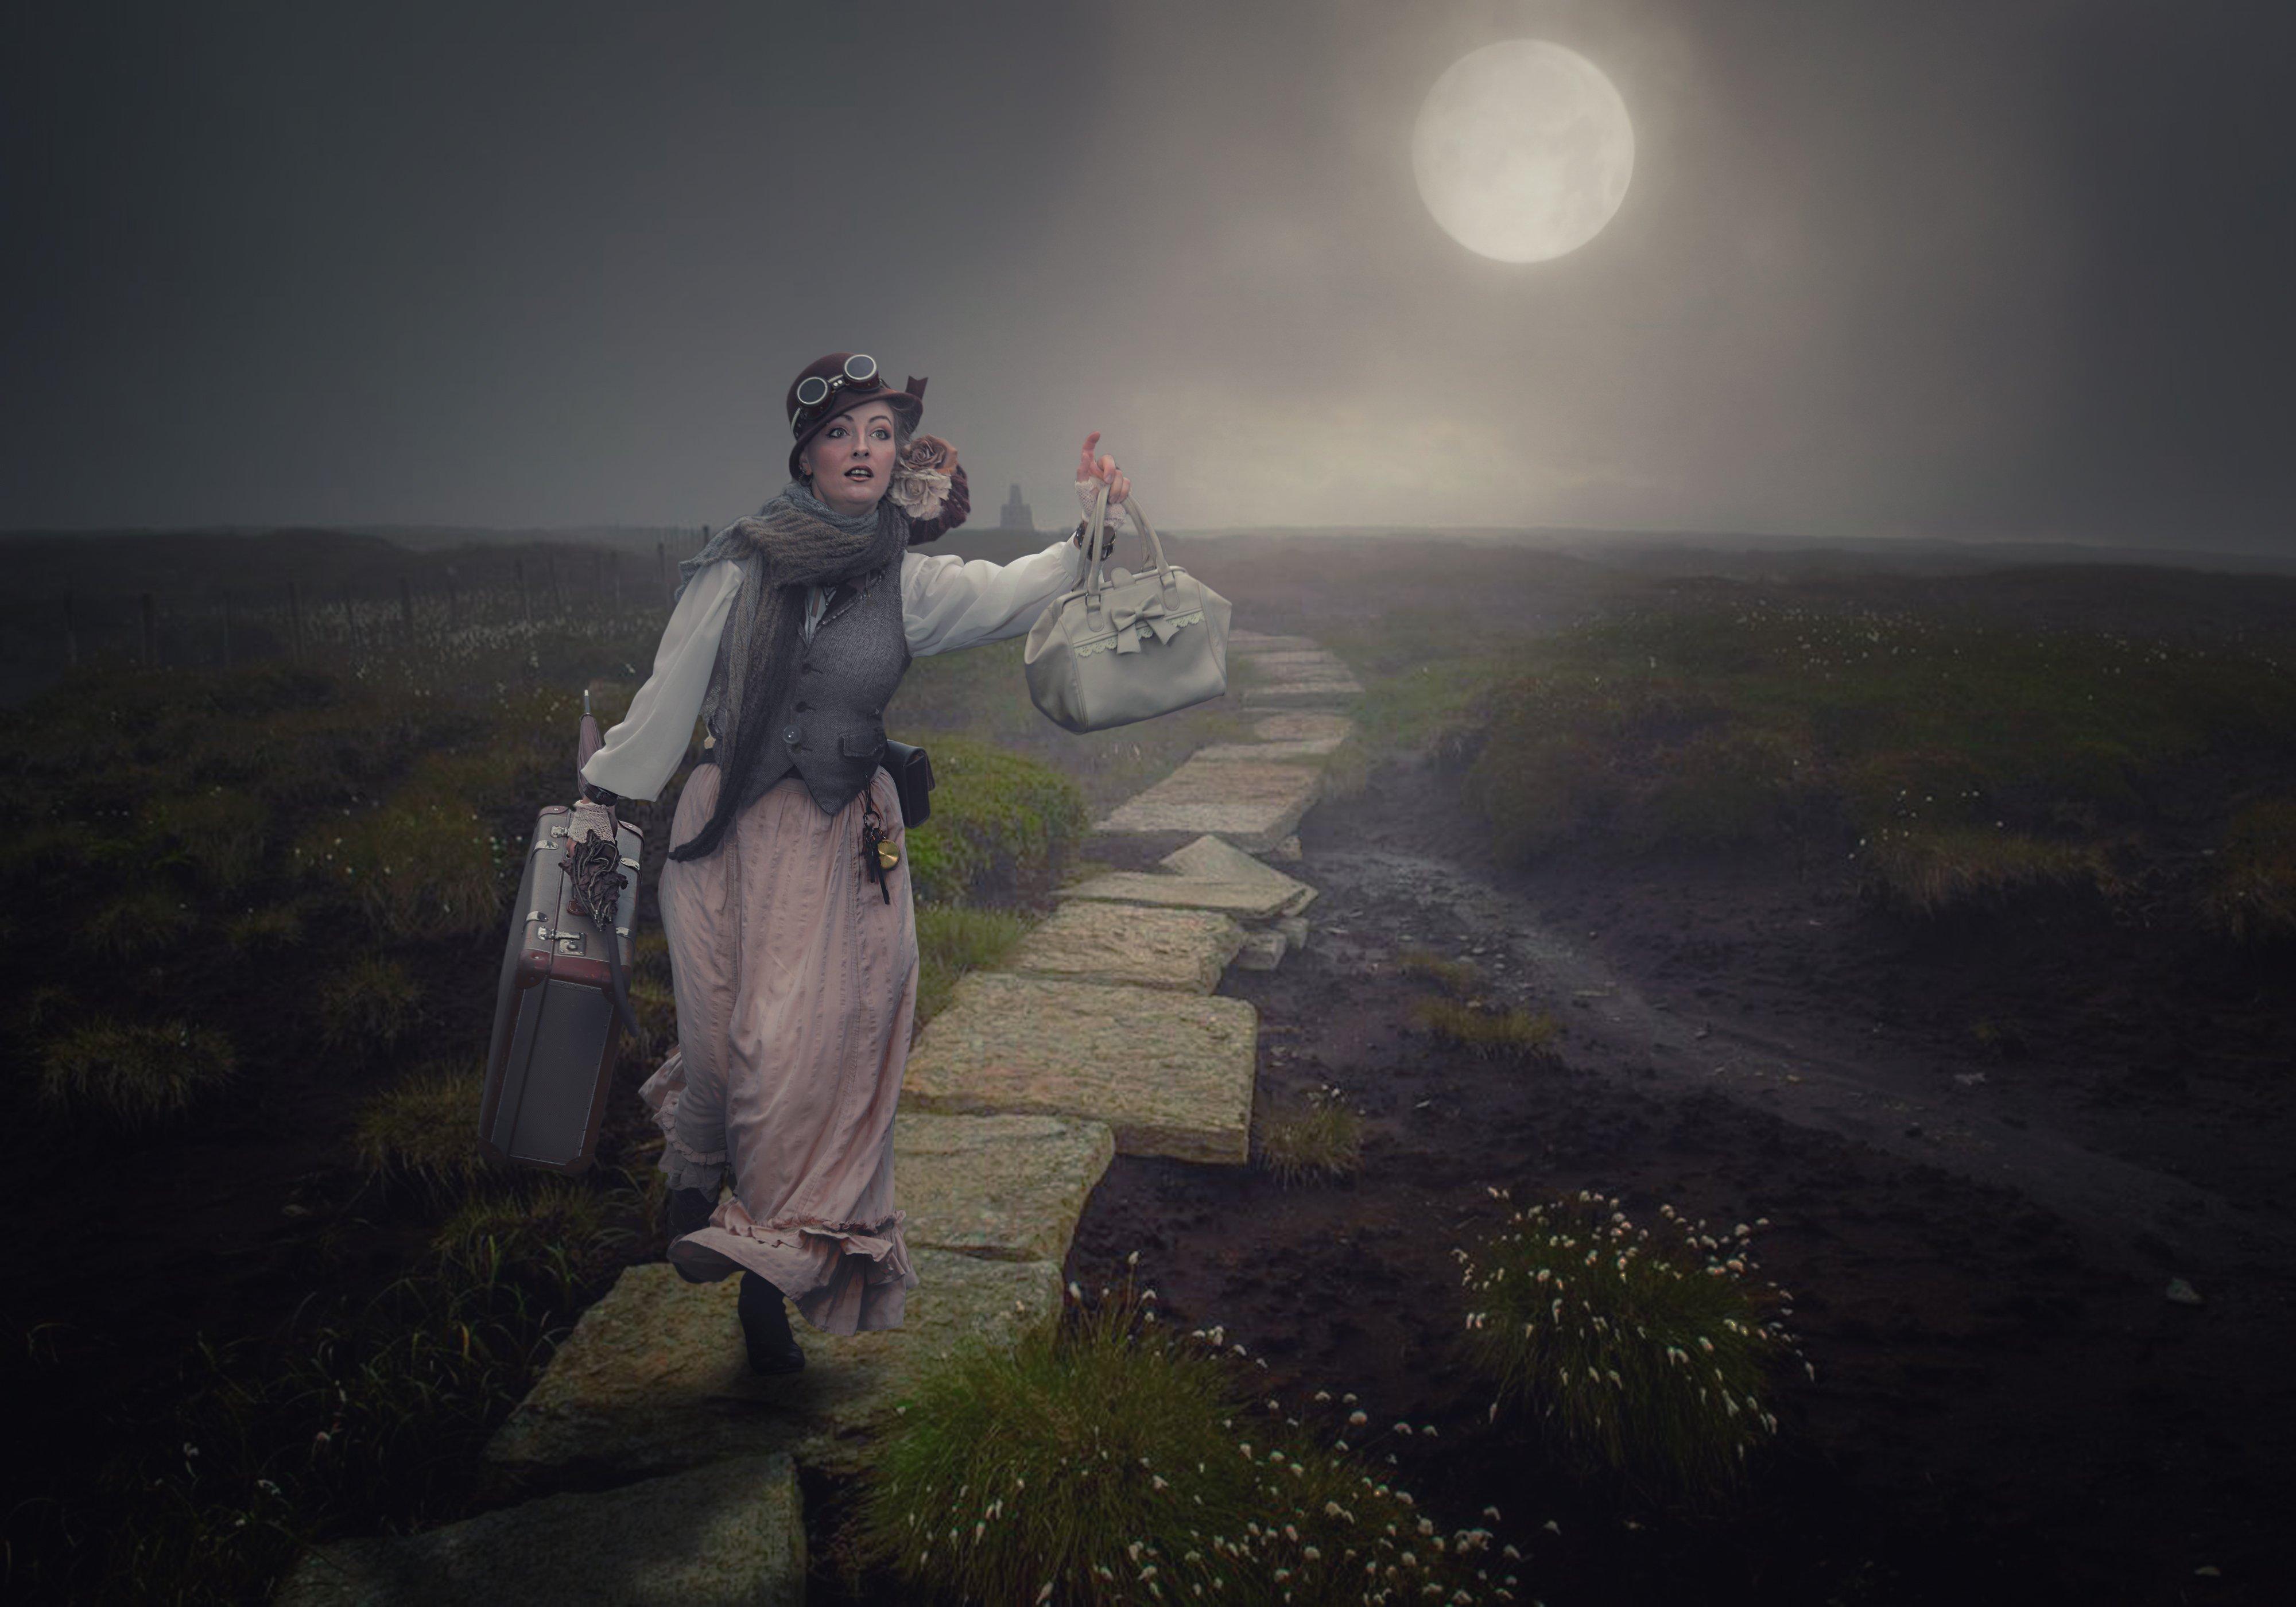 девушка, поле, чемодан, луна, Sergii Vidov